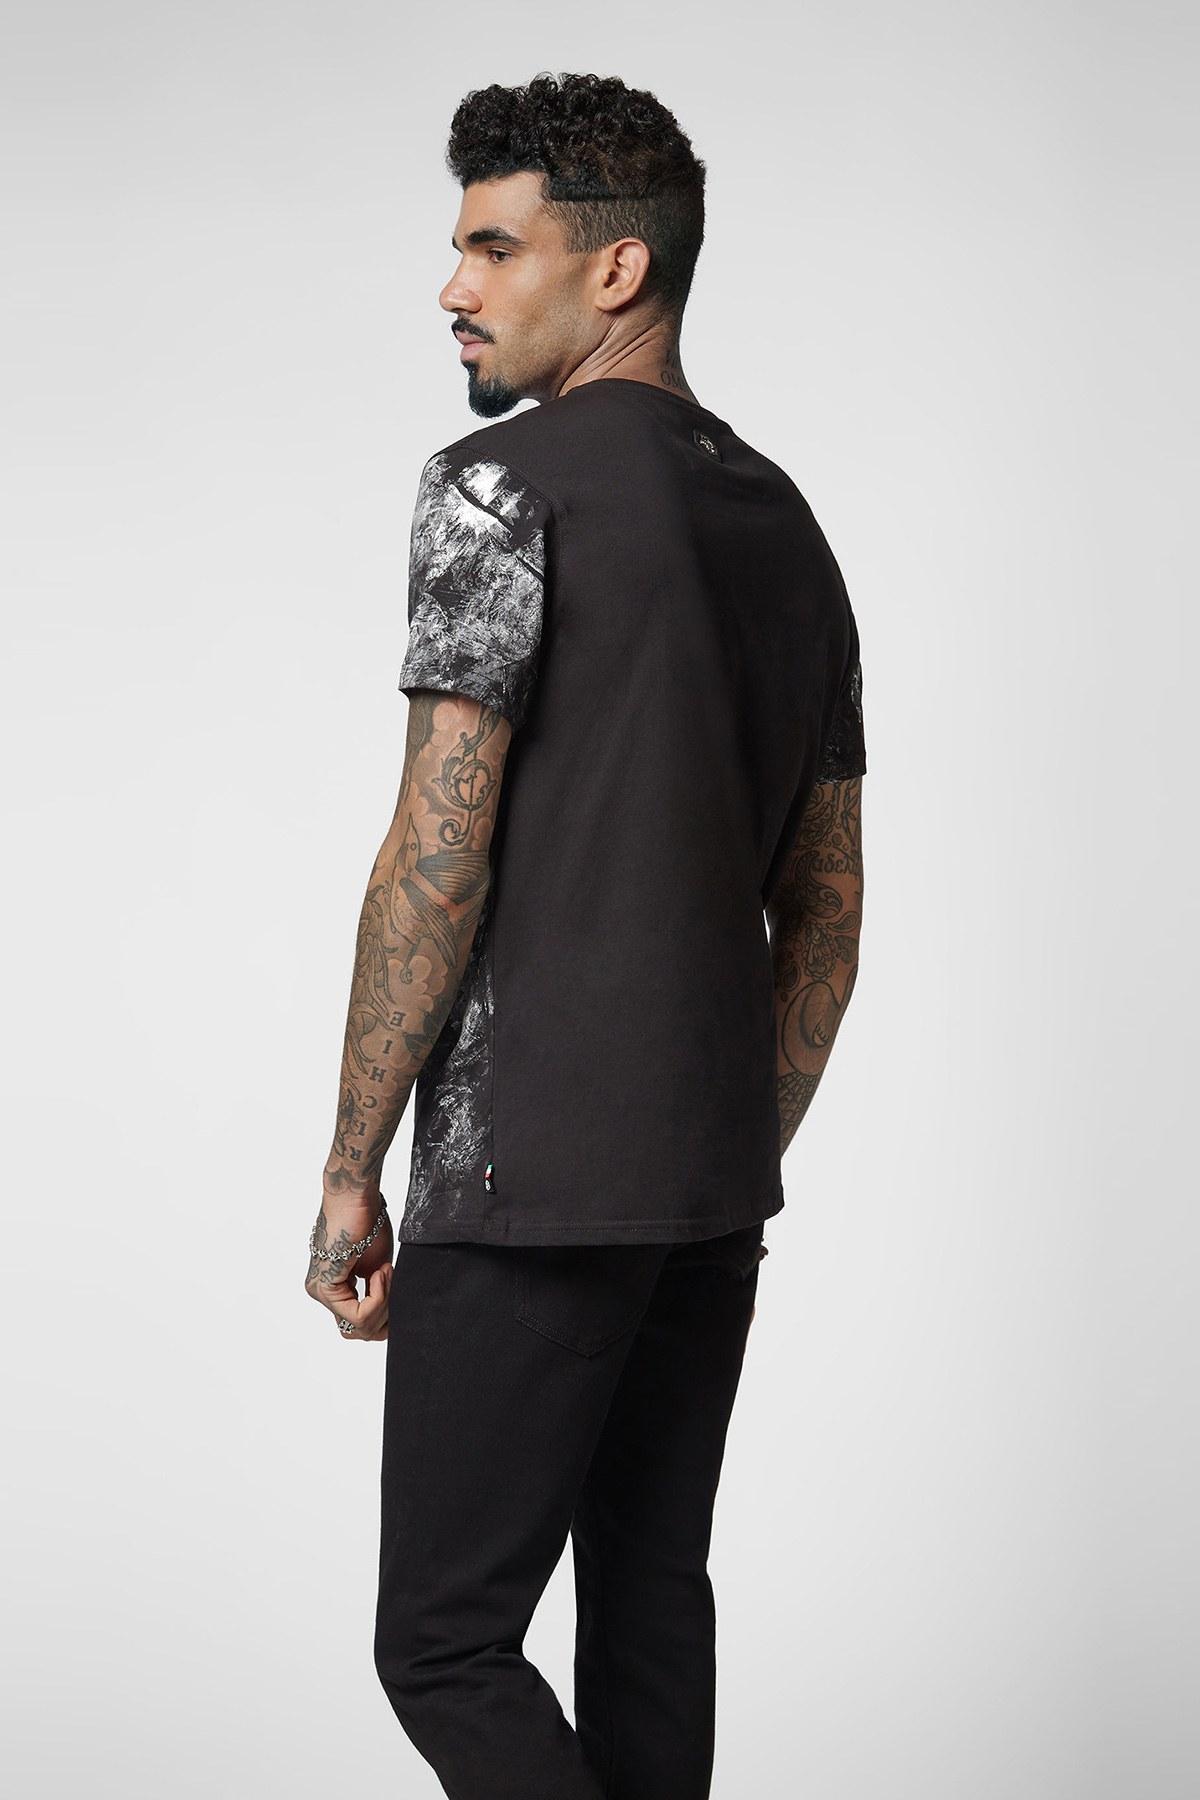 PHILIPP PLEIN T SHIRT Erkek T Shirt A18C MTK2675 PJY002N 02 SİYAH